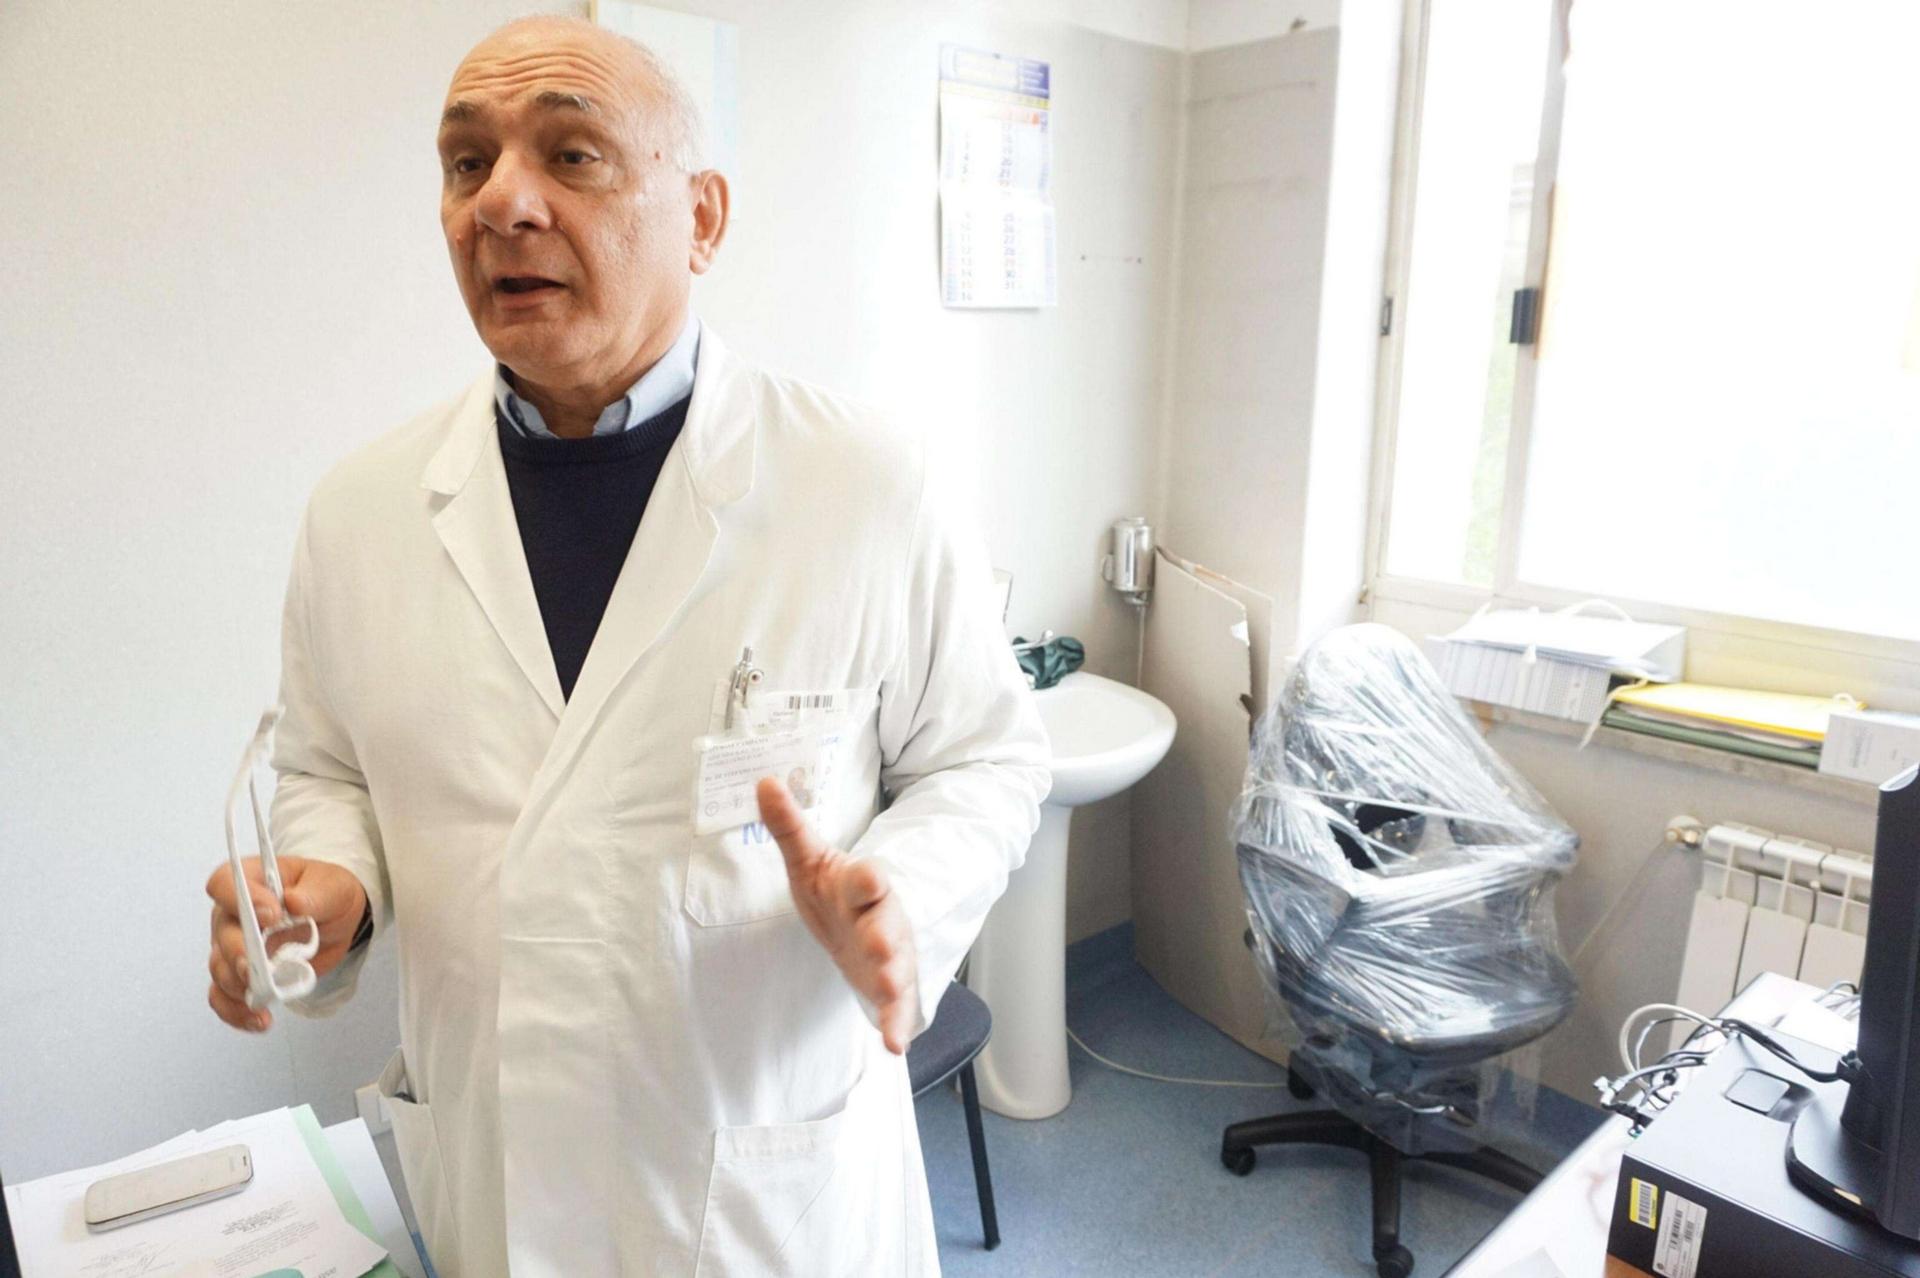 Raid nell'ospedale di Nola, violata la stanza del direttore Andrea De Stefano. Indagano i Carabinieri